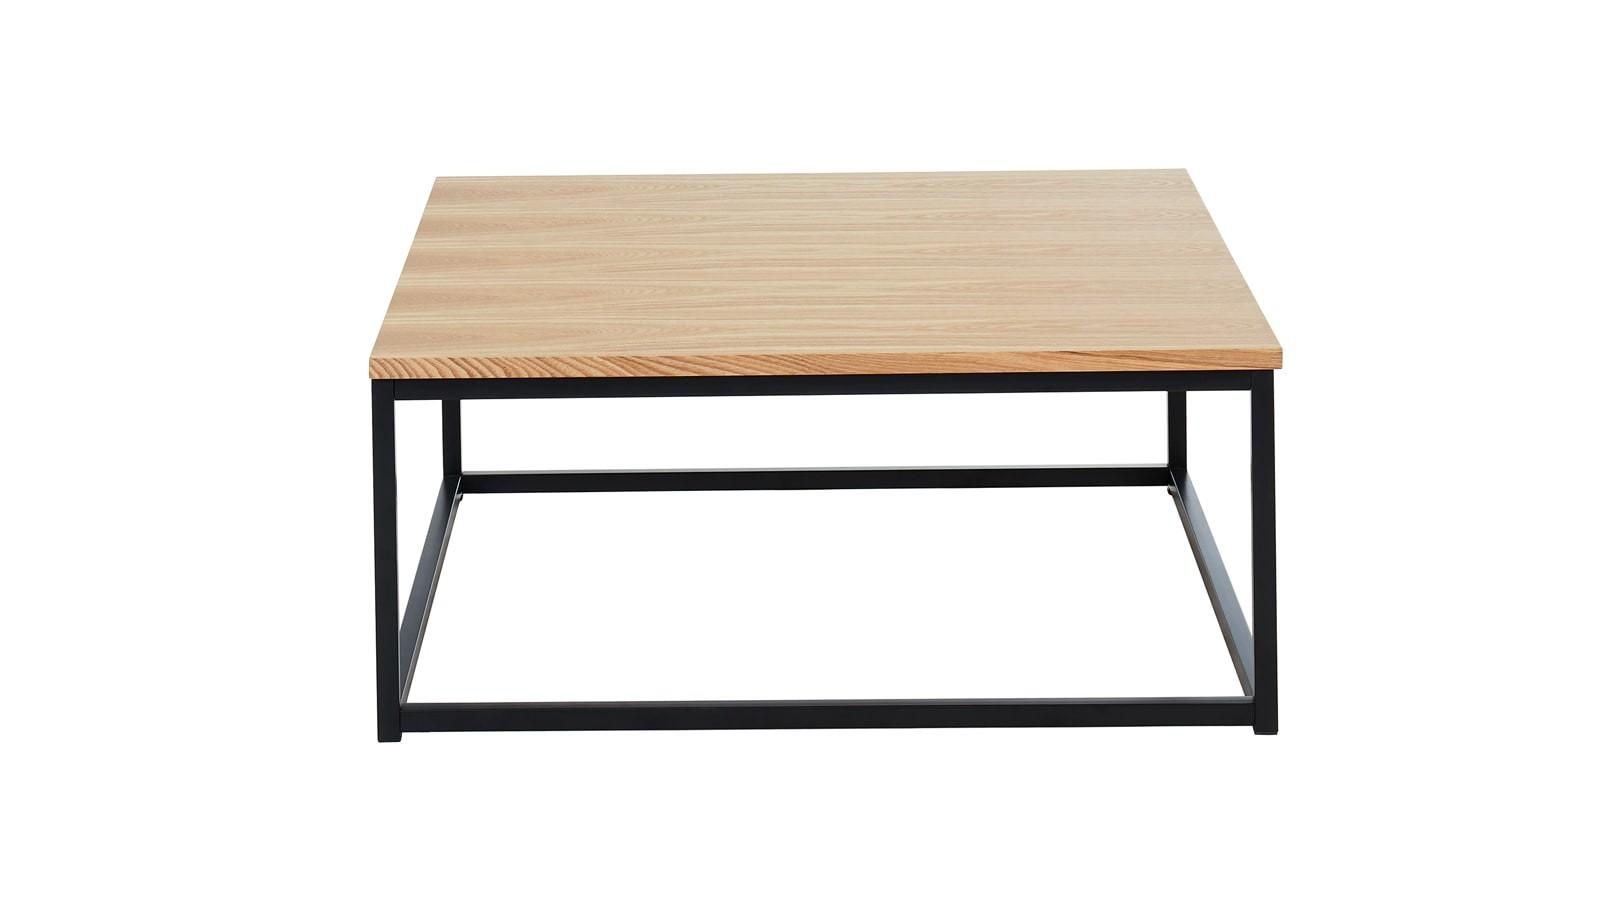 80x80x34 Et Table Chêne Basse Noir Cm Industrielle Effet L34cAj5qR